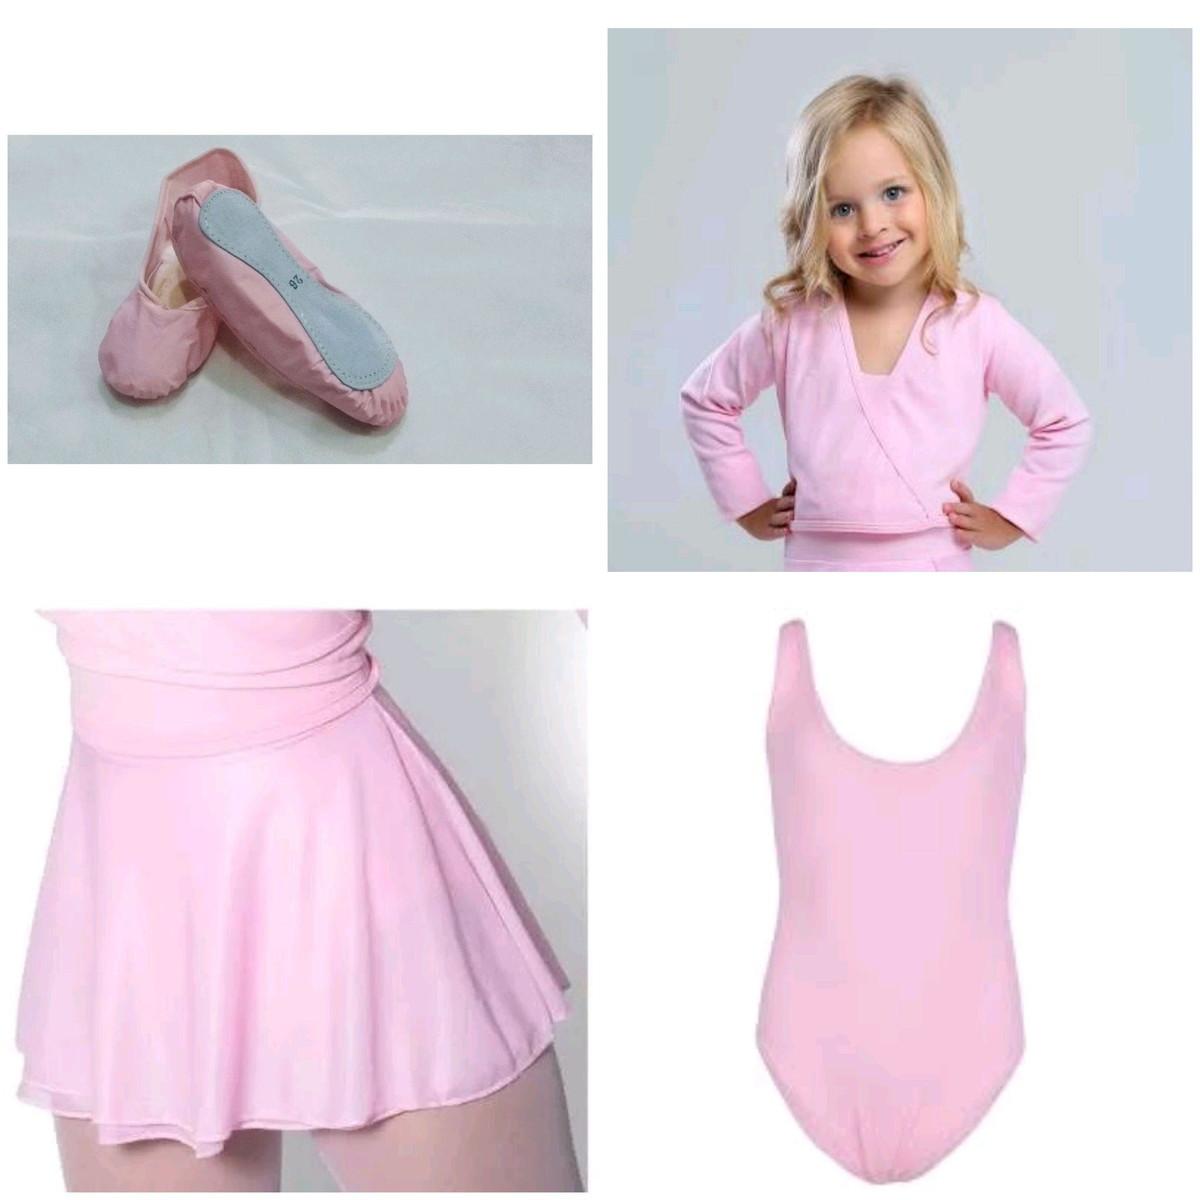 60413122e5 Zoom · Kit de ballet casaquinho